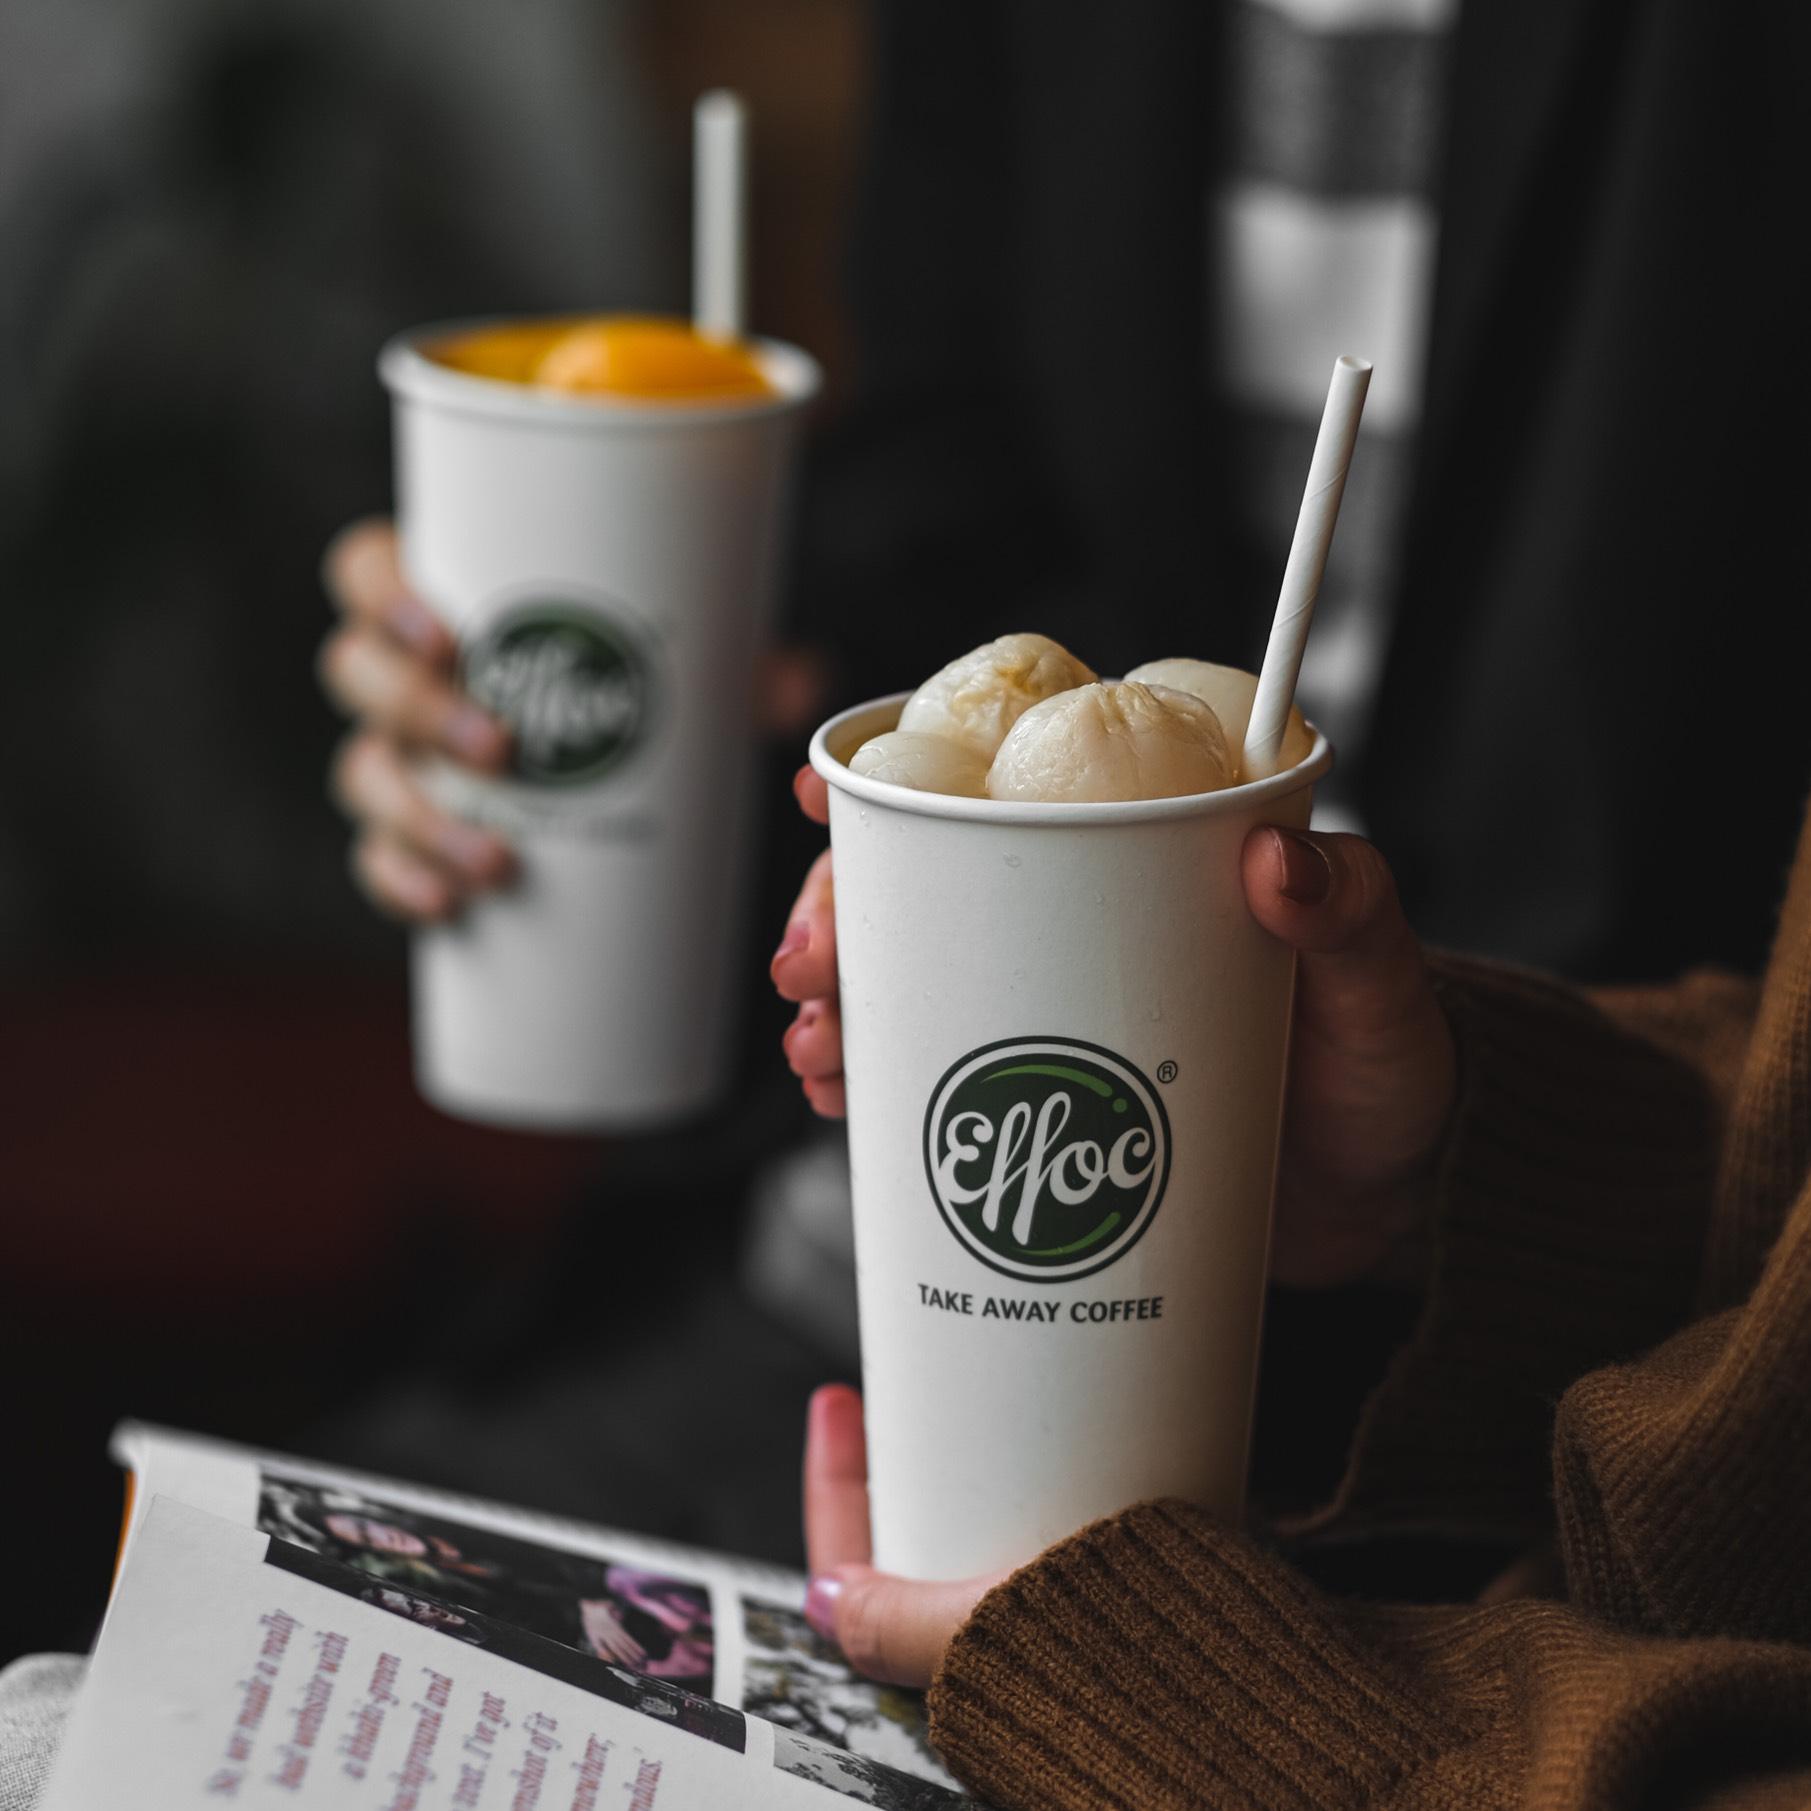 [HCM] EFFOC COFFEE - Giao hàng tận nơi - Evoucher giảm 30% toàn bộ menu khi mua tại 04 chi nhánh